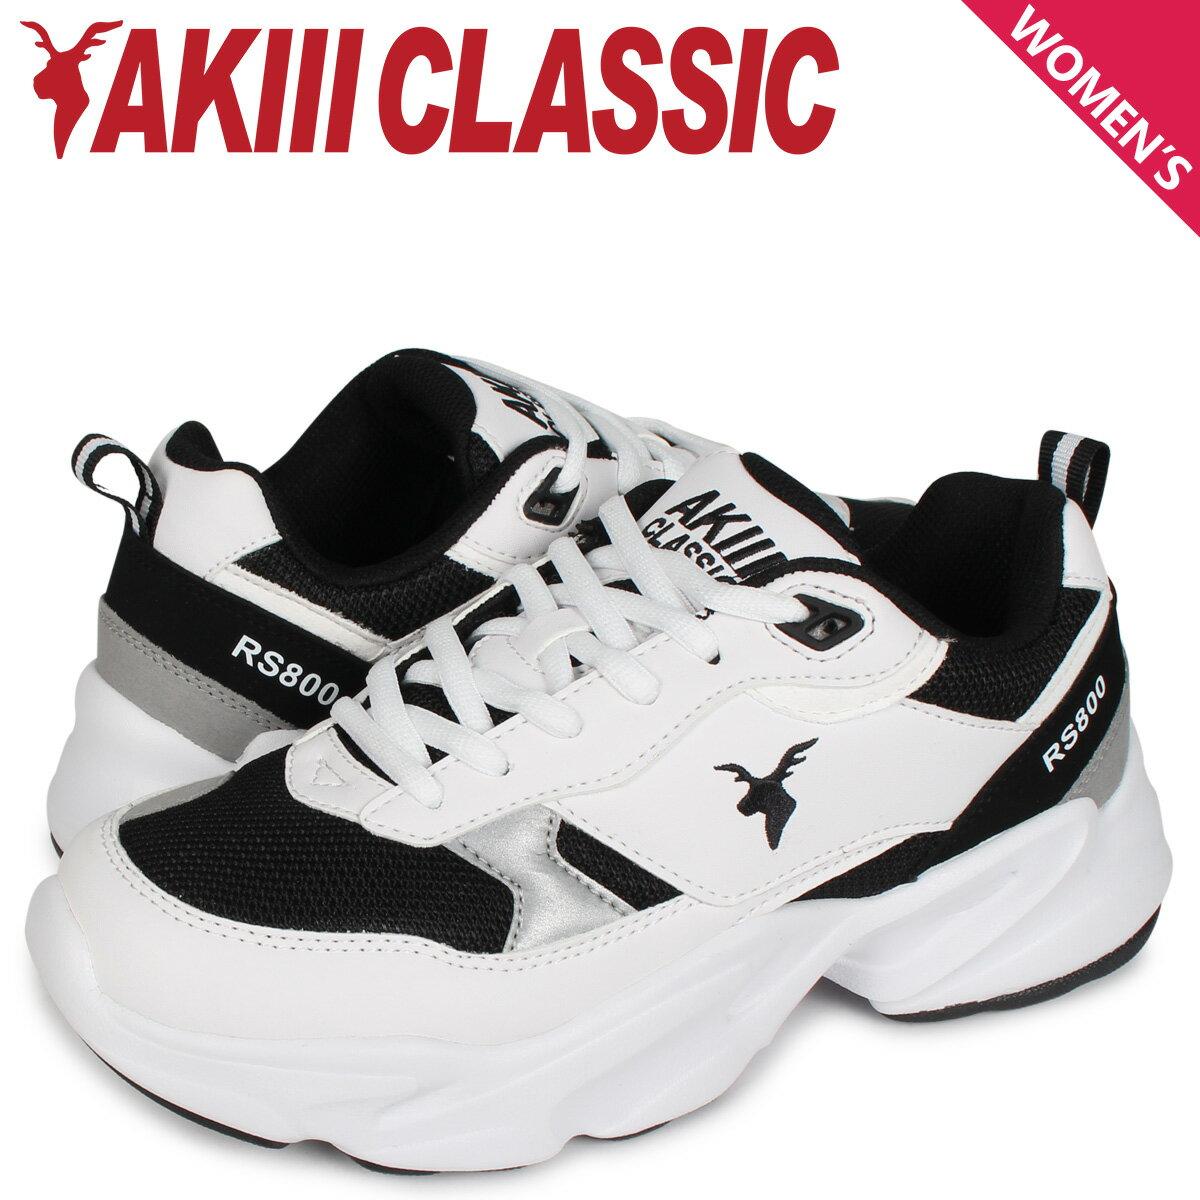 レディース靴, スニーカー 2000OFF AKIII CLASSIC RS800 AKC0002